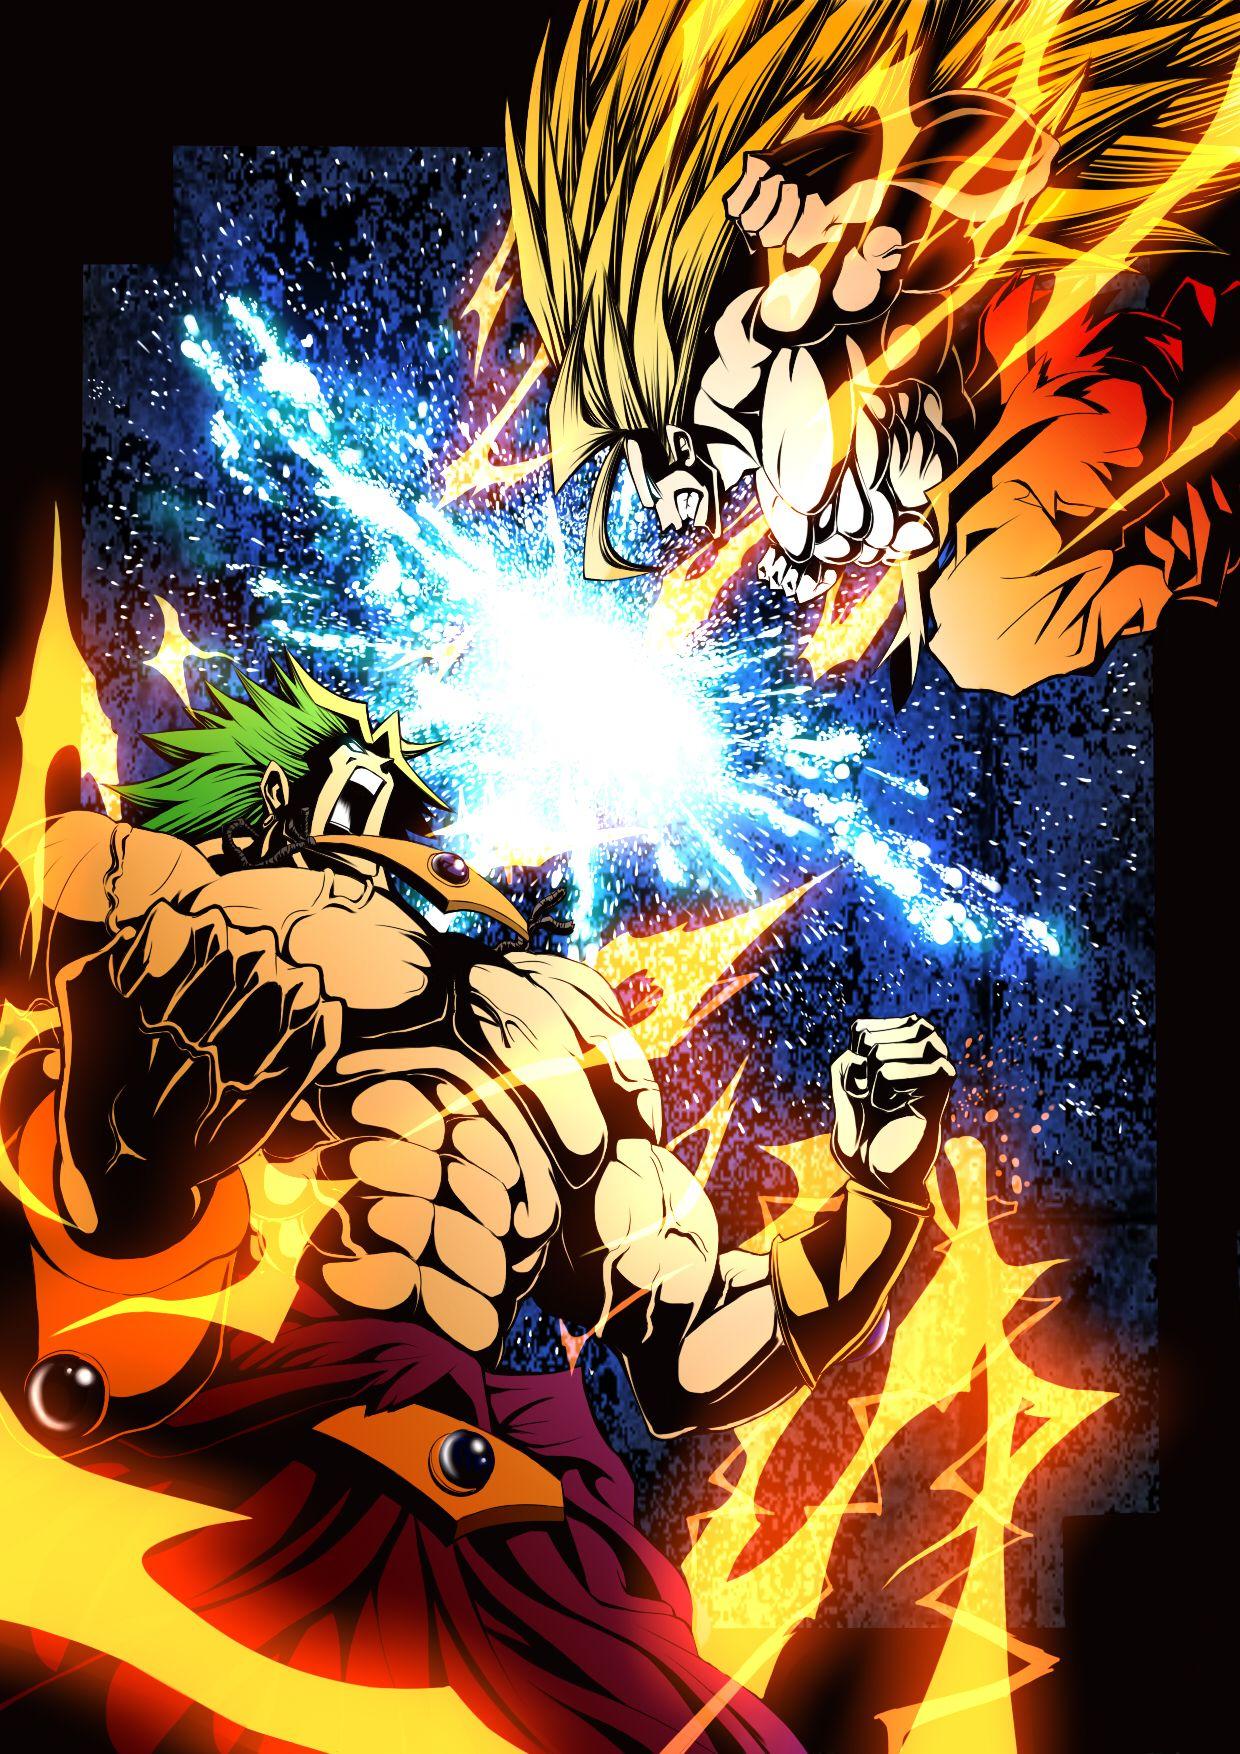 Goku vs. Broly Dragon ball art, Dragon ball super, Goku